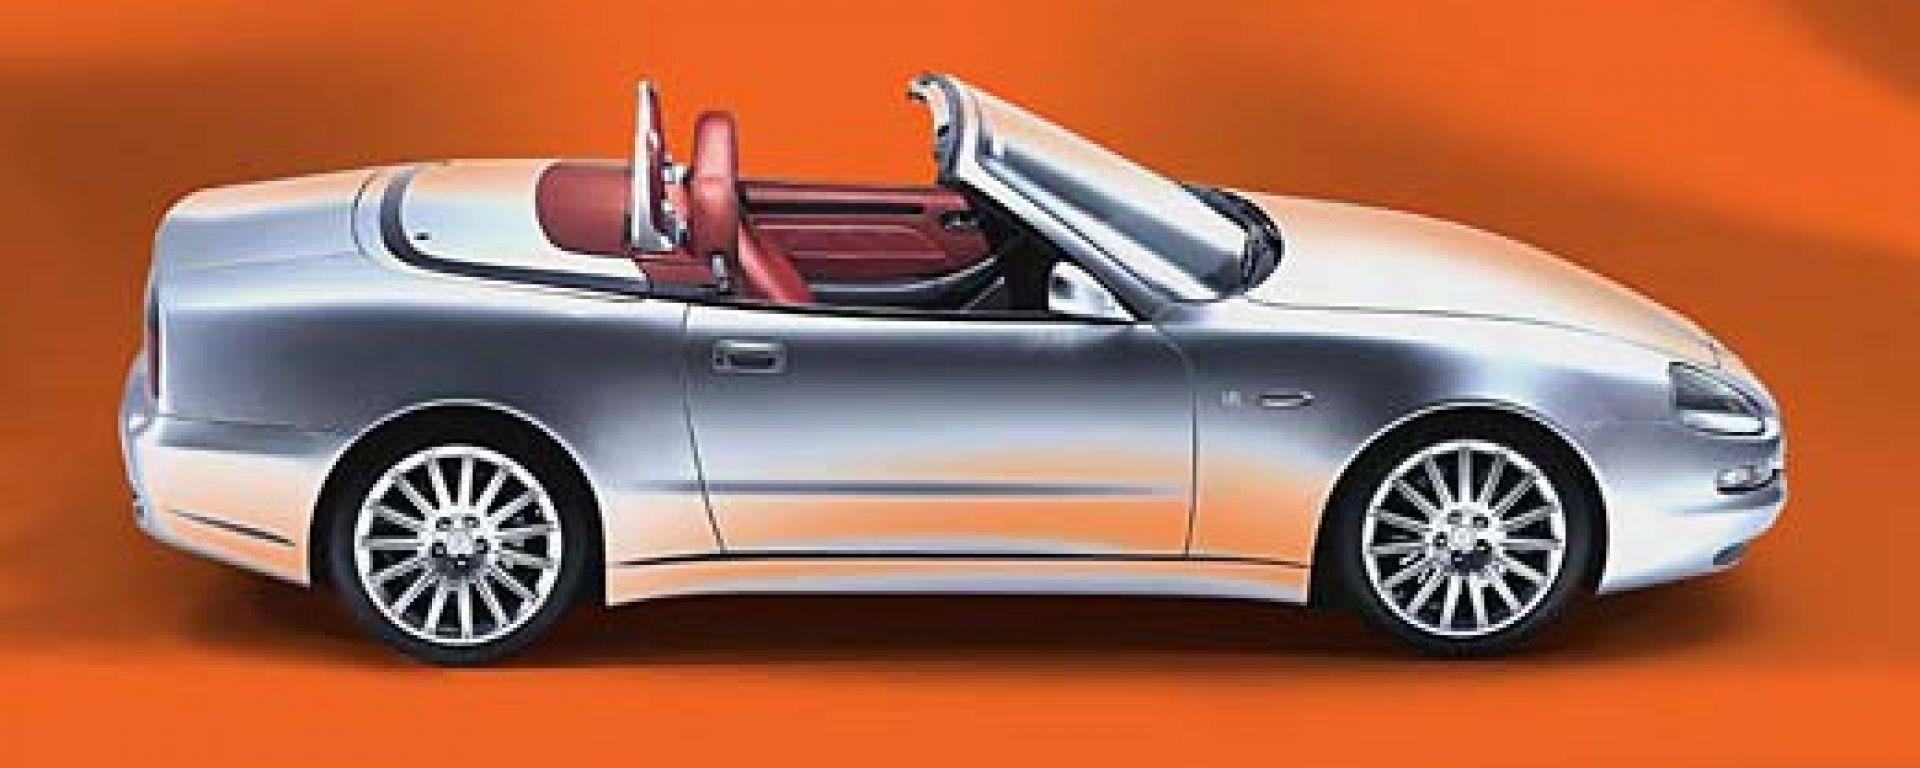 Le più belle foto della Maserati Spyder 2004